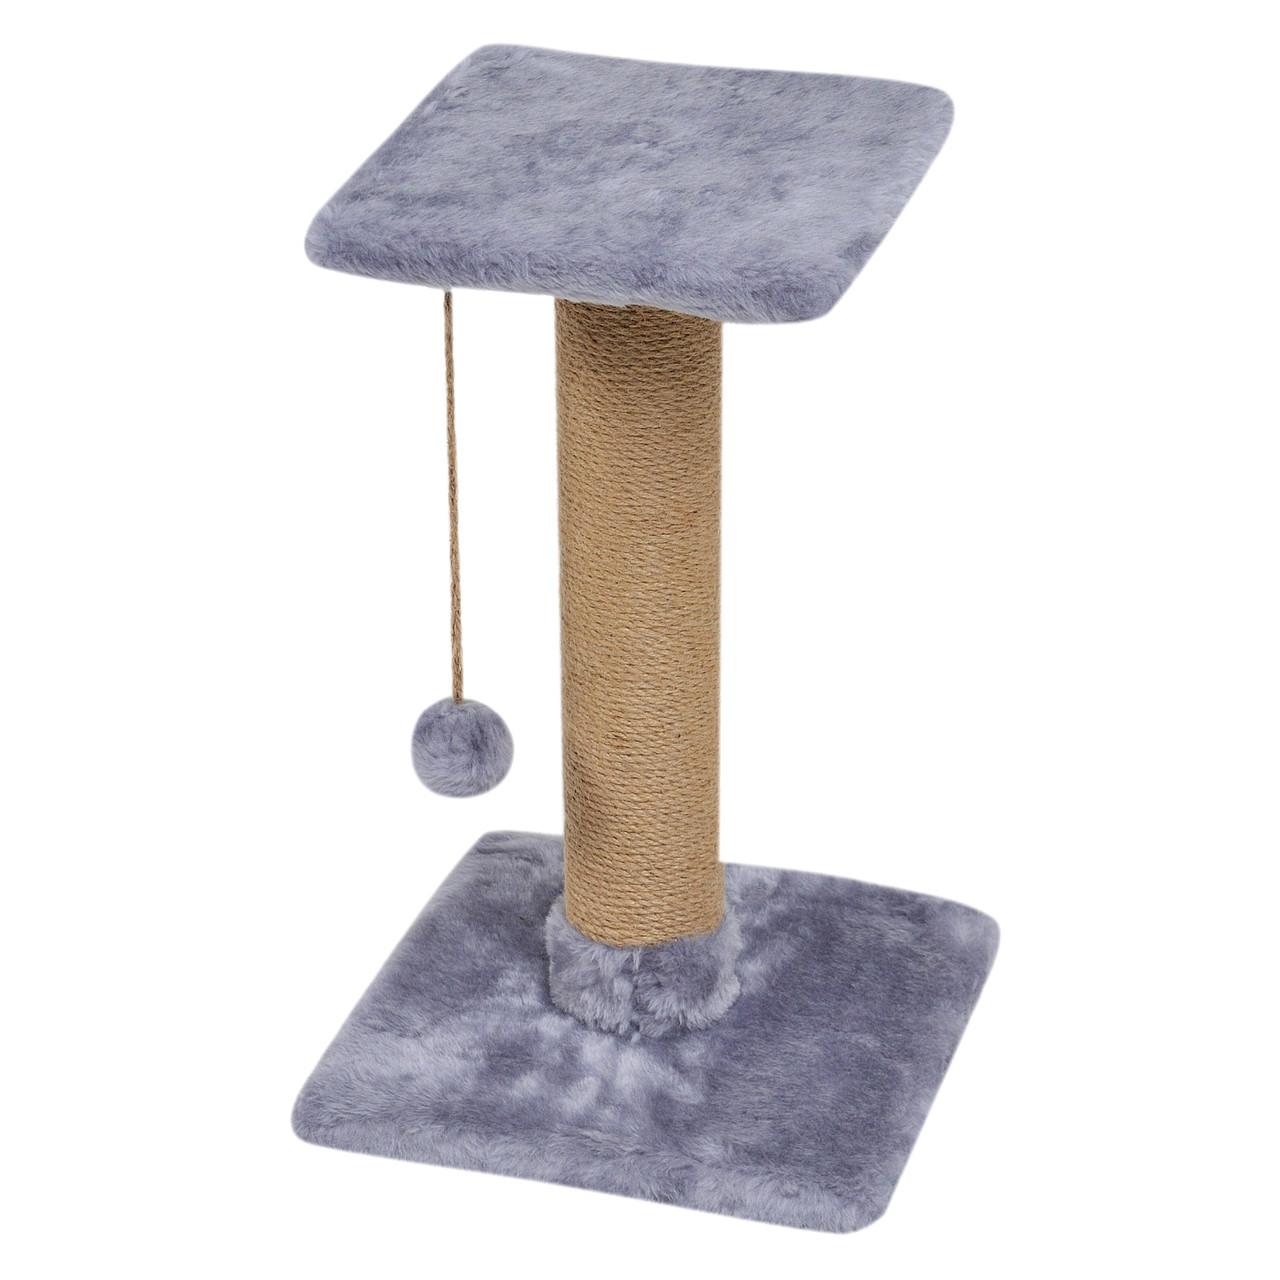 Когтеточка-столбик с полкой 33х33х50 см (дряпка) для кошки. Когтеточка для котов. Серый